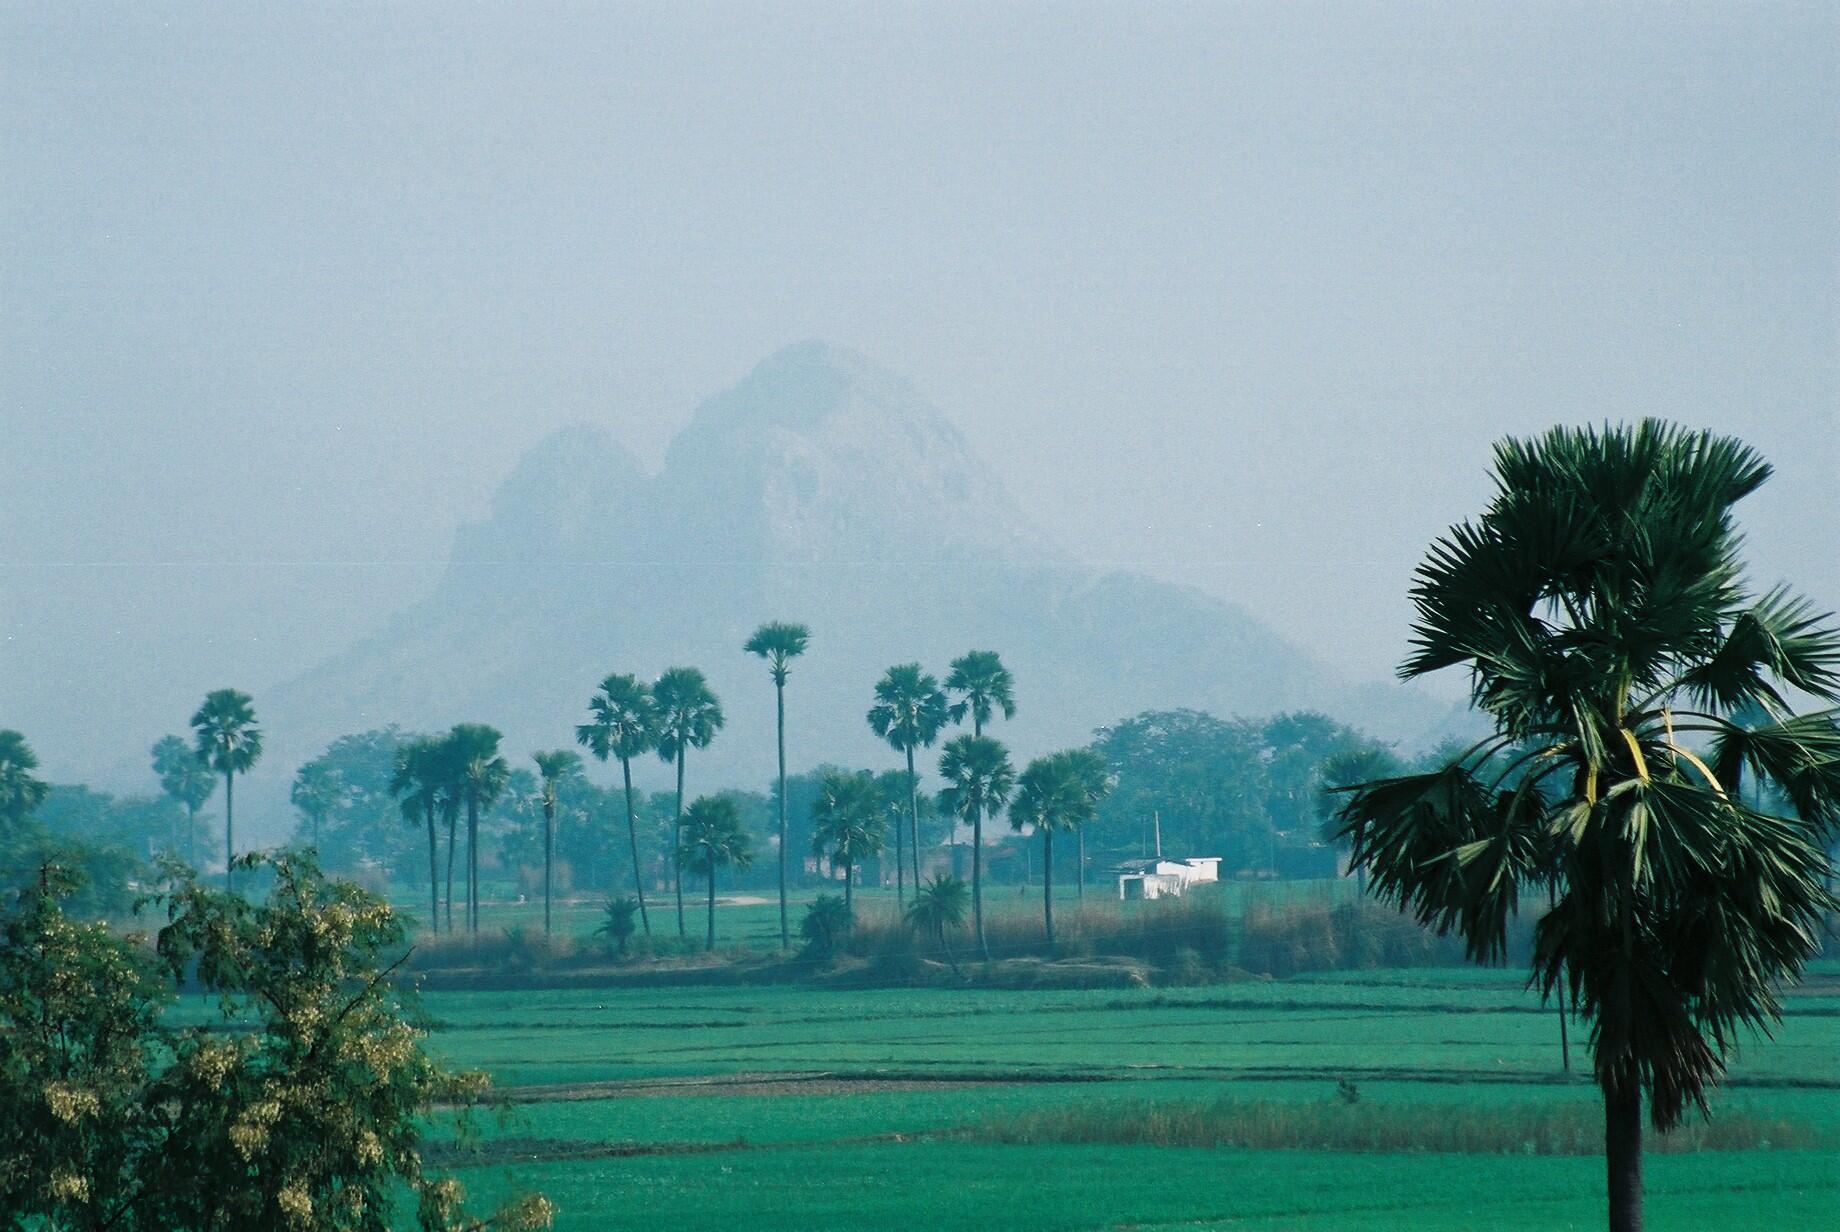 Mountain of Ashrams at Buddha Gaya, Bihar state in India